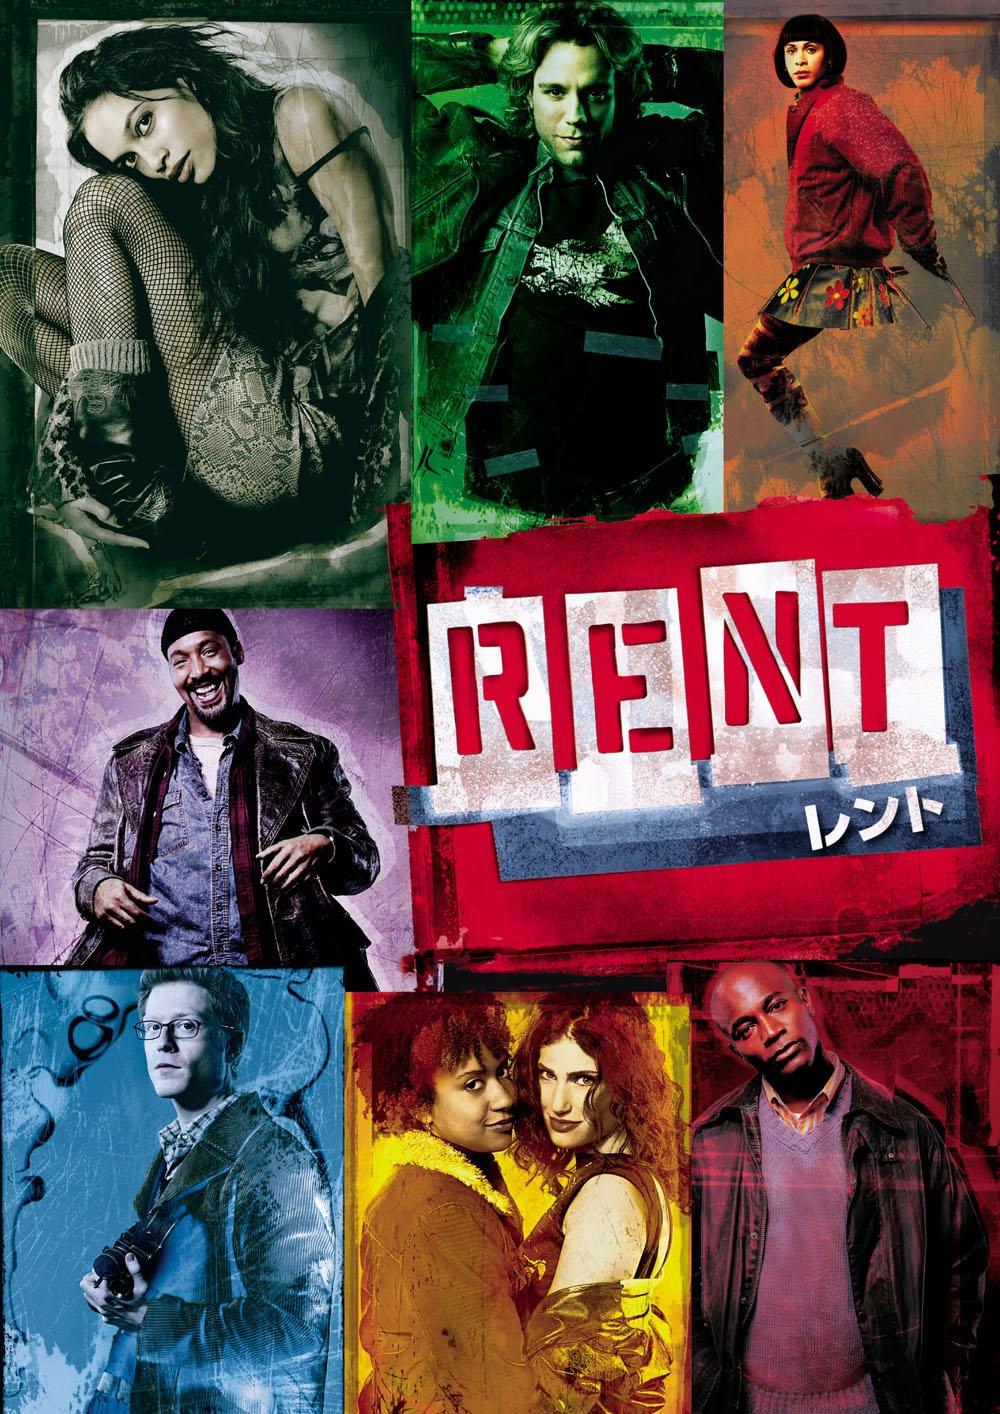 洋画で人気のおすすめミュージカル映画ランキング19位「RENT」